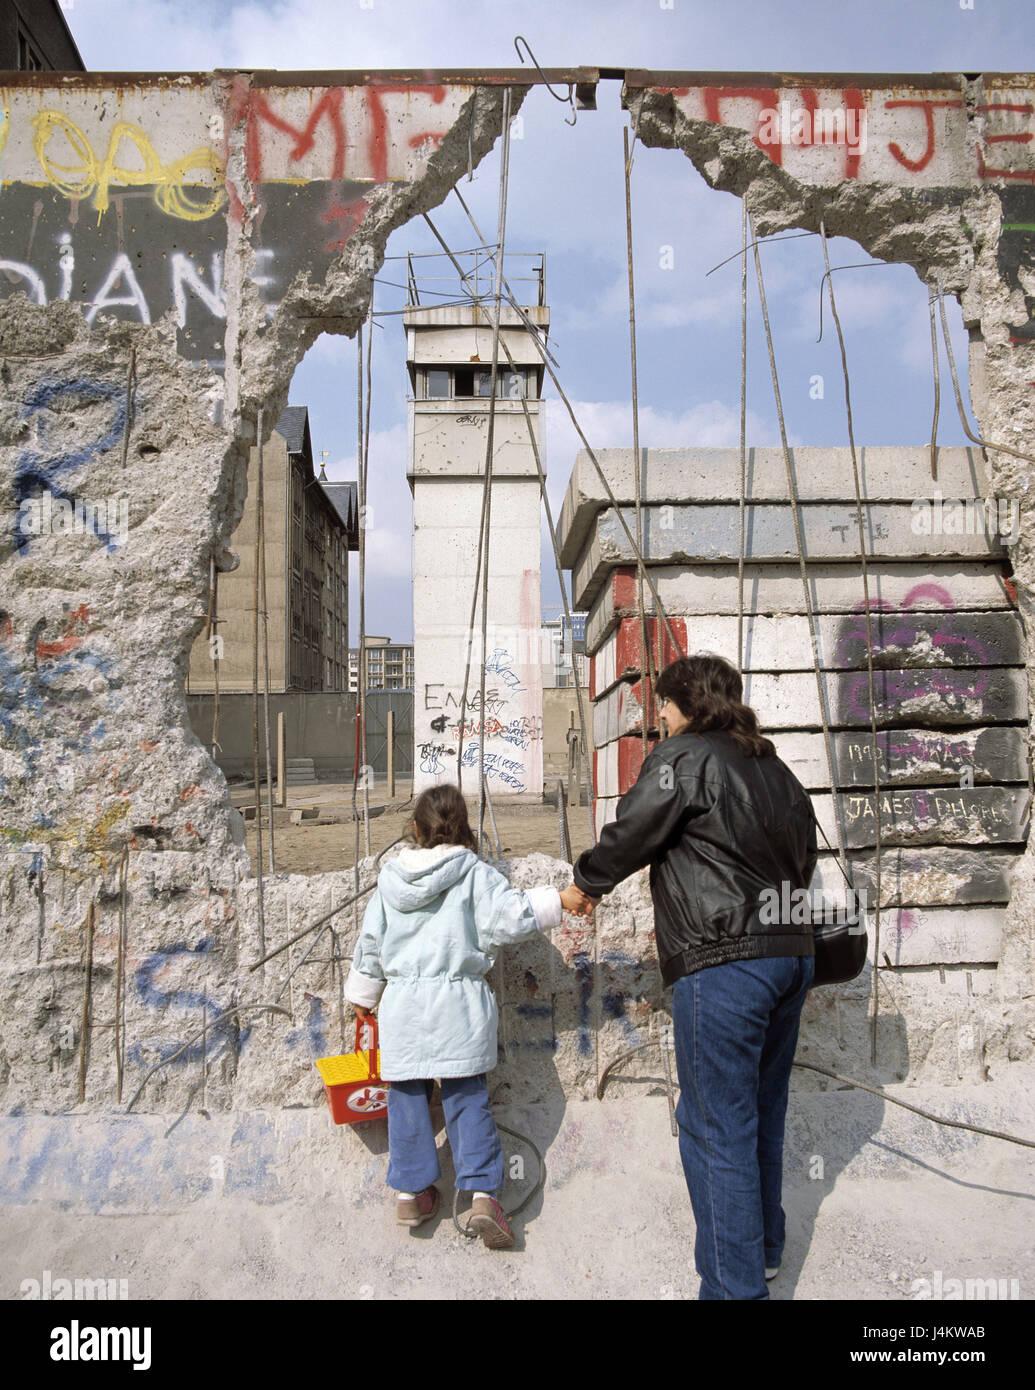 Deutschland, Berlin, Berliner Mauer, dem Mauerfall, 1989, Mutter, Kind, anzeigen, Ost Berlin, Wachturm, kein Model Stockbild